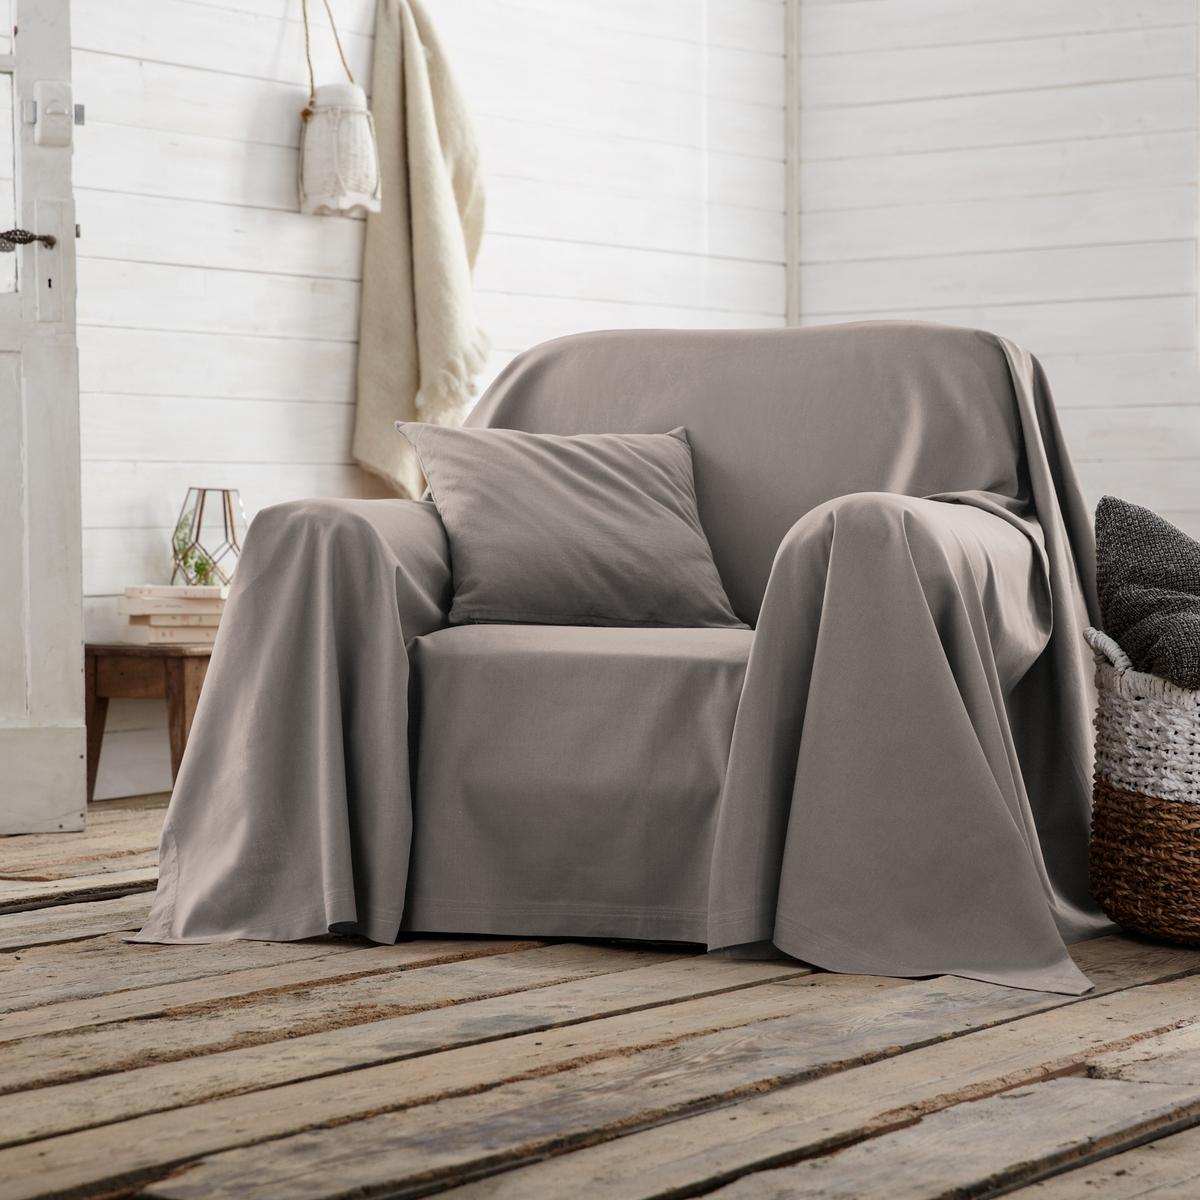 Покрывало однотонное для кресла или диванаПокрывало однотонное для кресла или дивана для декора качества Qualit? Best.Характеристики покрывала для кресла или дивана :- Хлопковая ткань (220 г/м?).- Простой уход: стирка при температуре 40°, превосходная стойкость цвета.Производство осуществляется с учетом стандартов по защите окружающей среды и здоровья человека, что подтверждено сертификатом Oeko-tex®.<br><br>Цвет: облачно-серый,рубиново-красный,серо-коричневый каштан